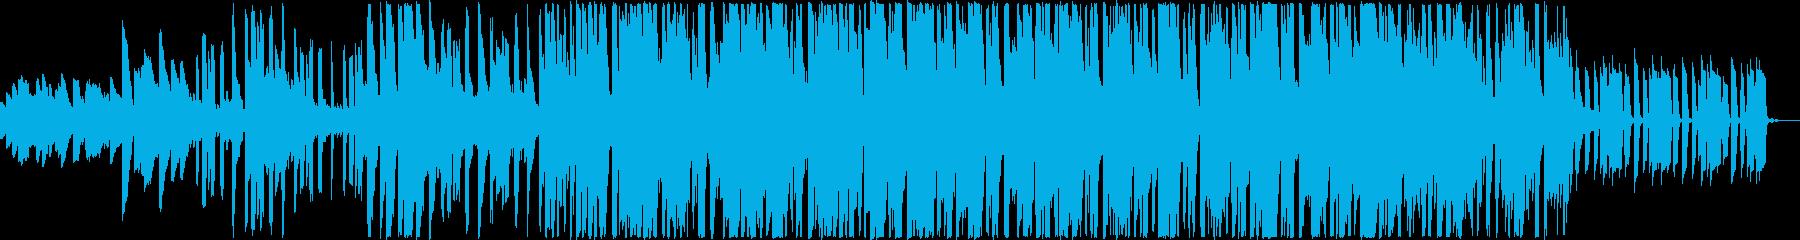 何かが突然かみ合うようなジングルの再生済みの波形